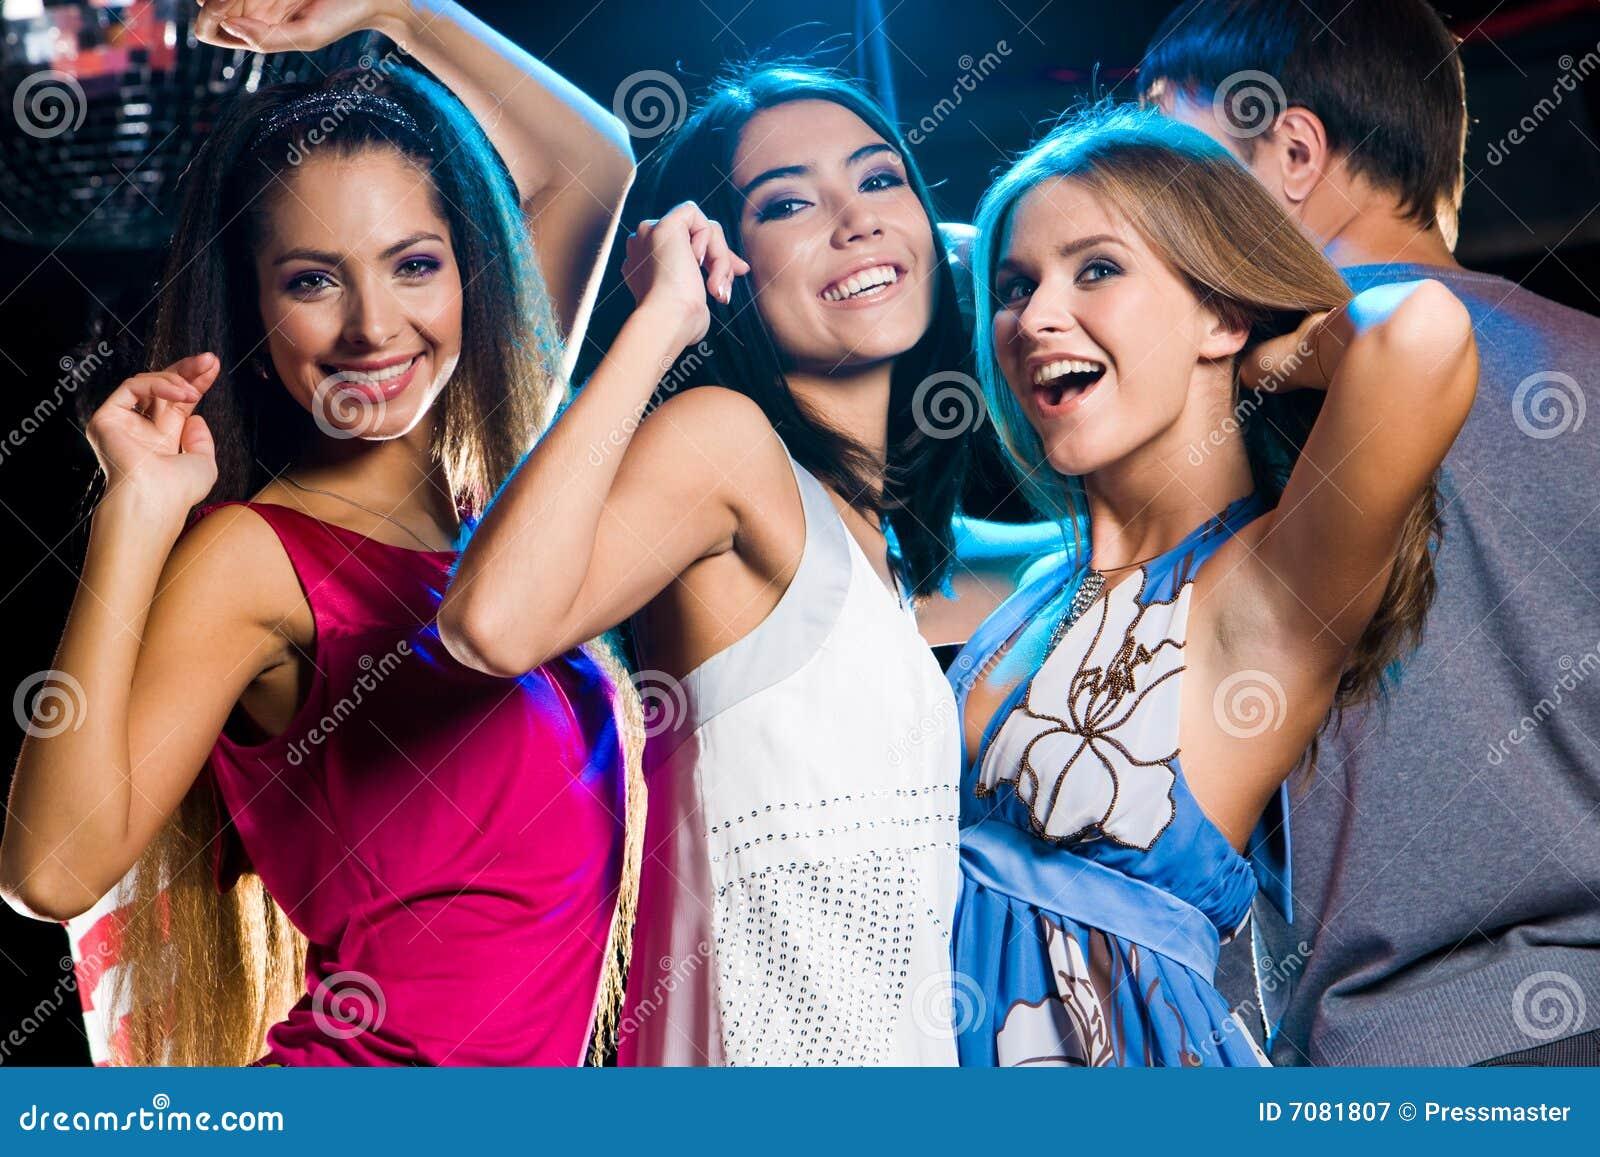 Фото девушек в ночных клубах 5 фотография